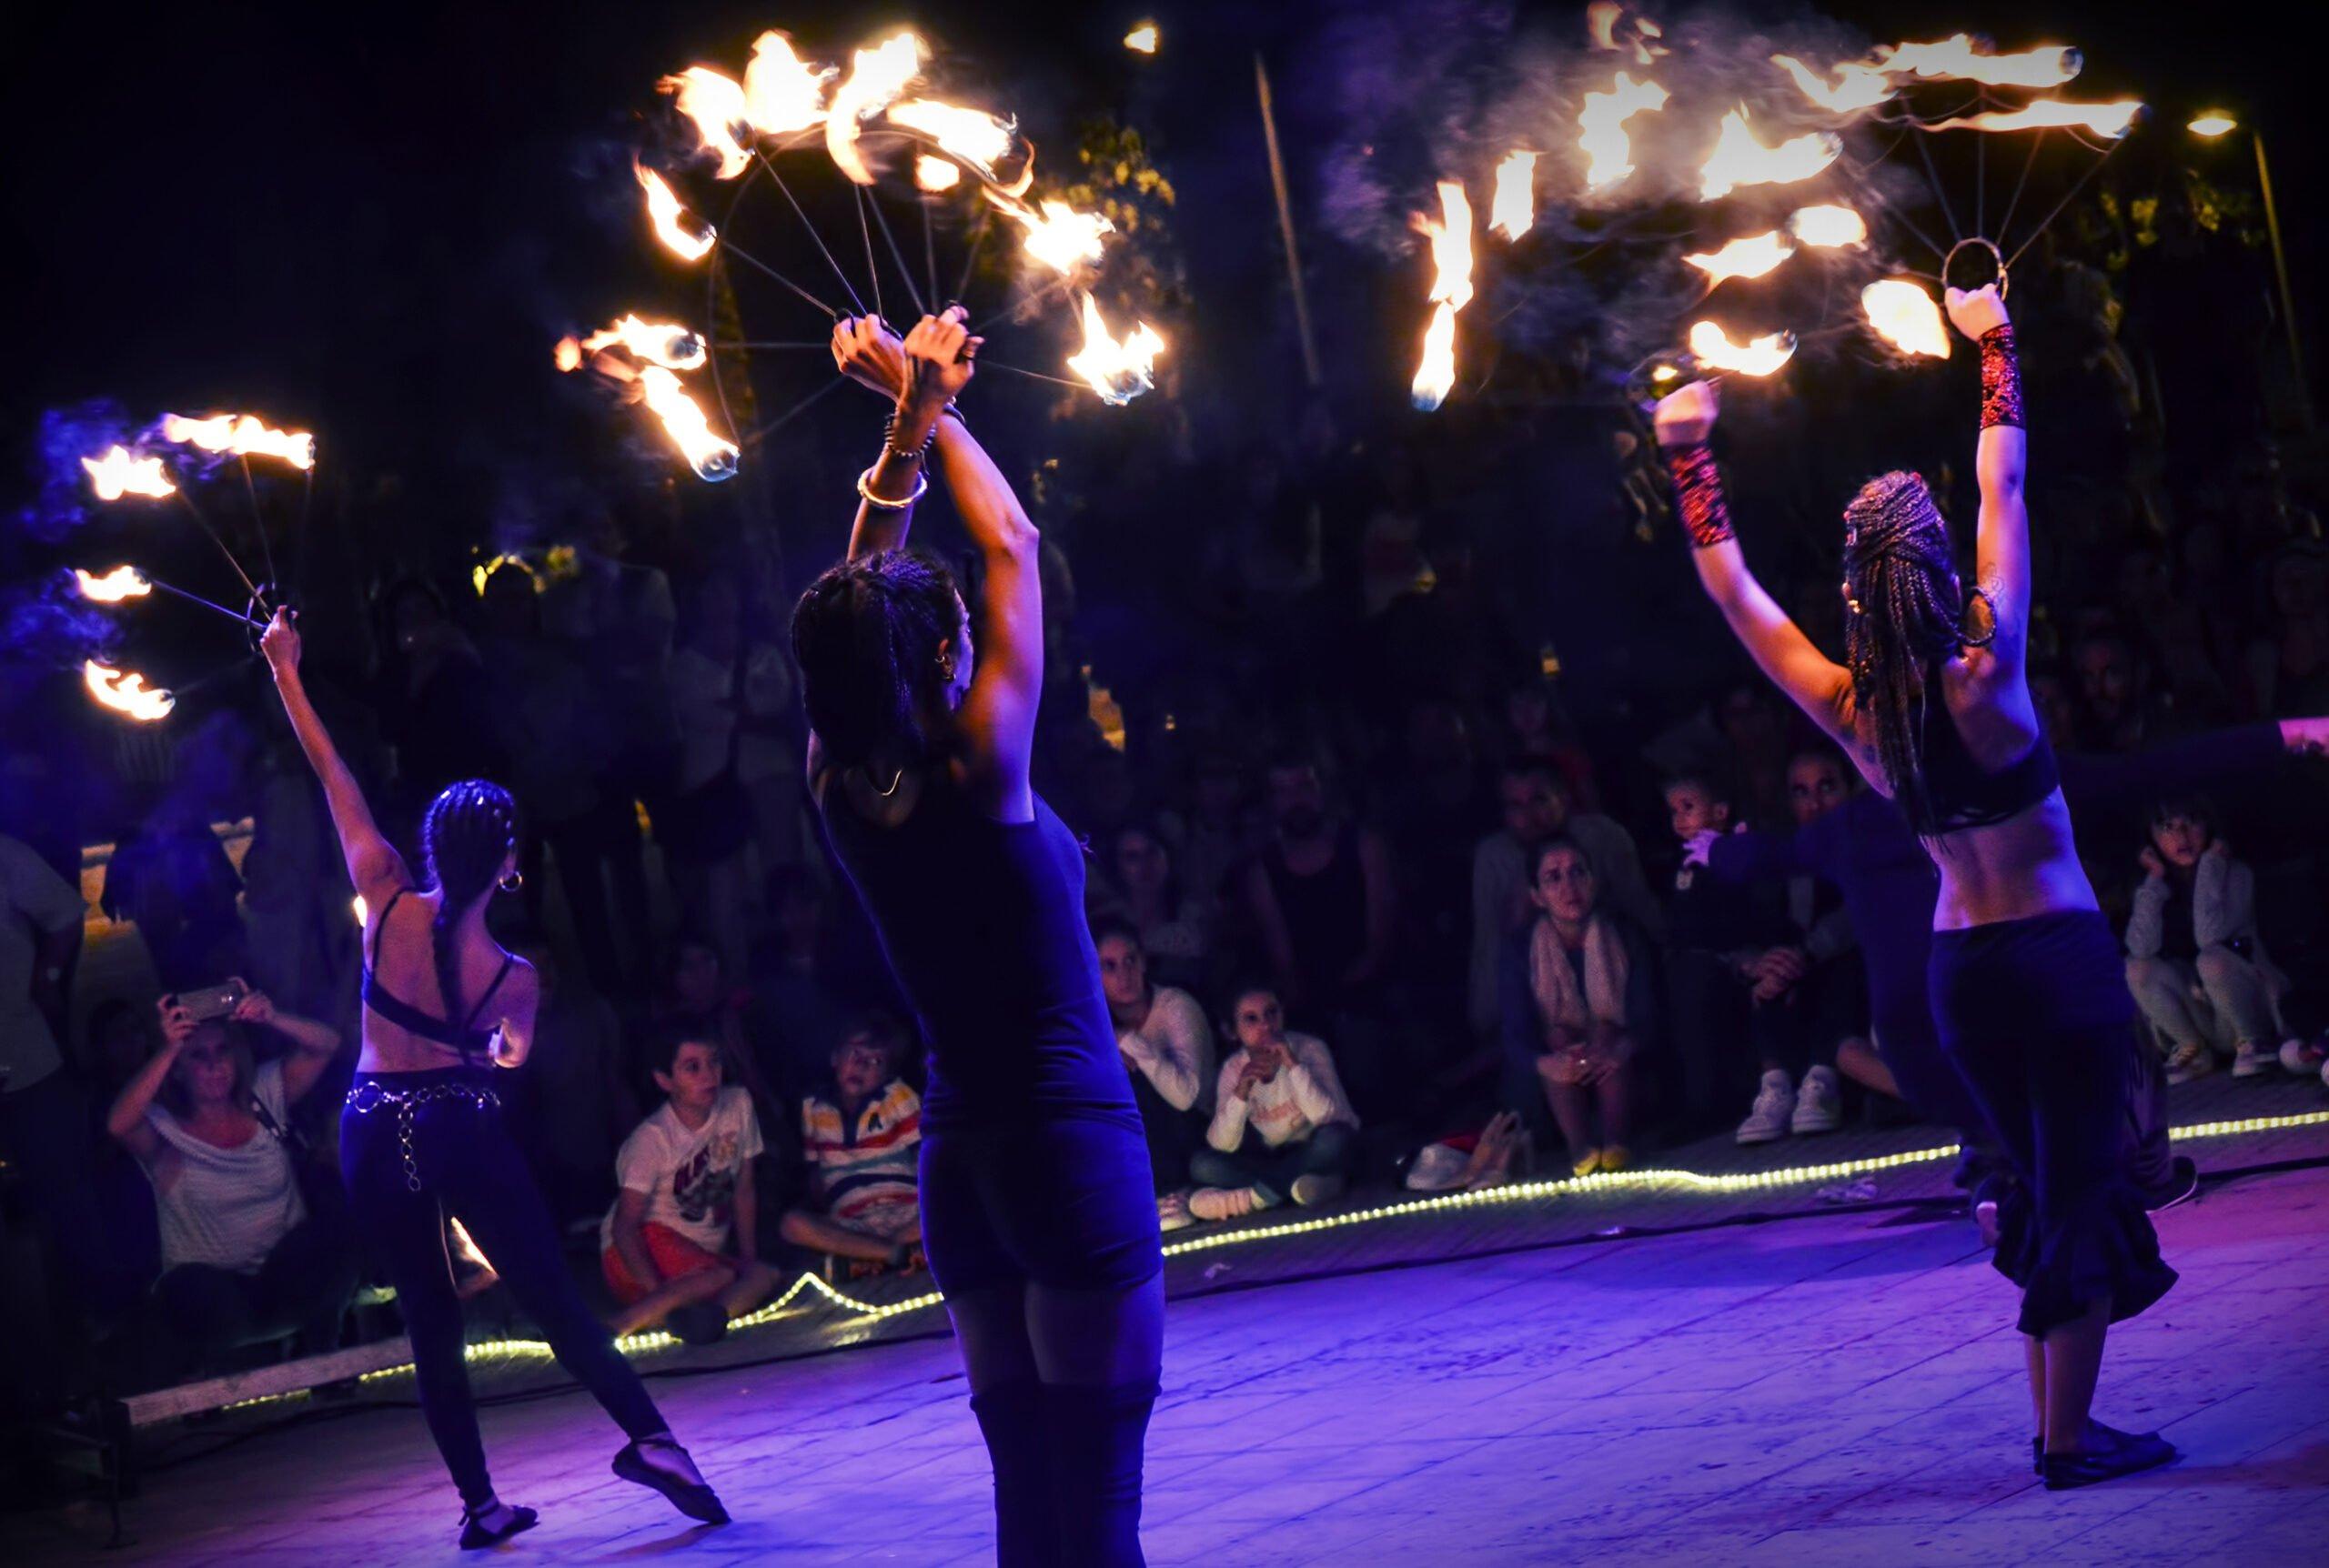 Imagen destacada Las artes de calle llevan el circo a los Jardines del Turia con Mostra Viva